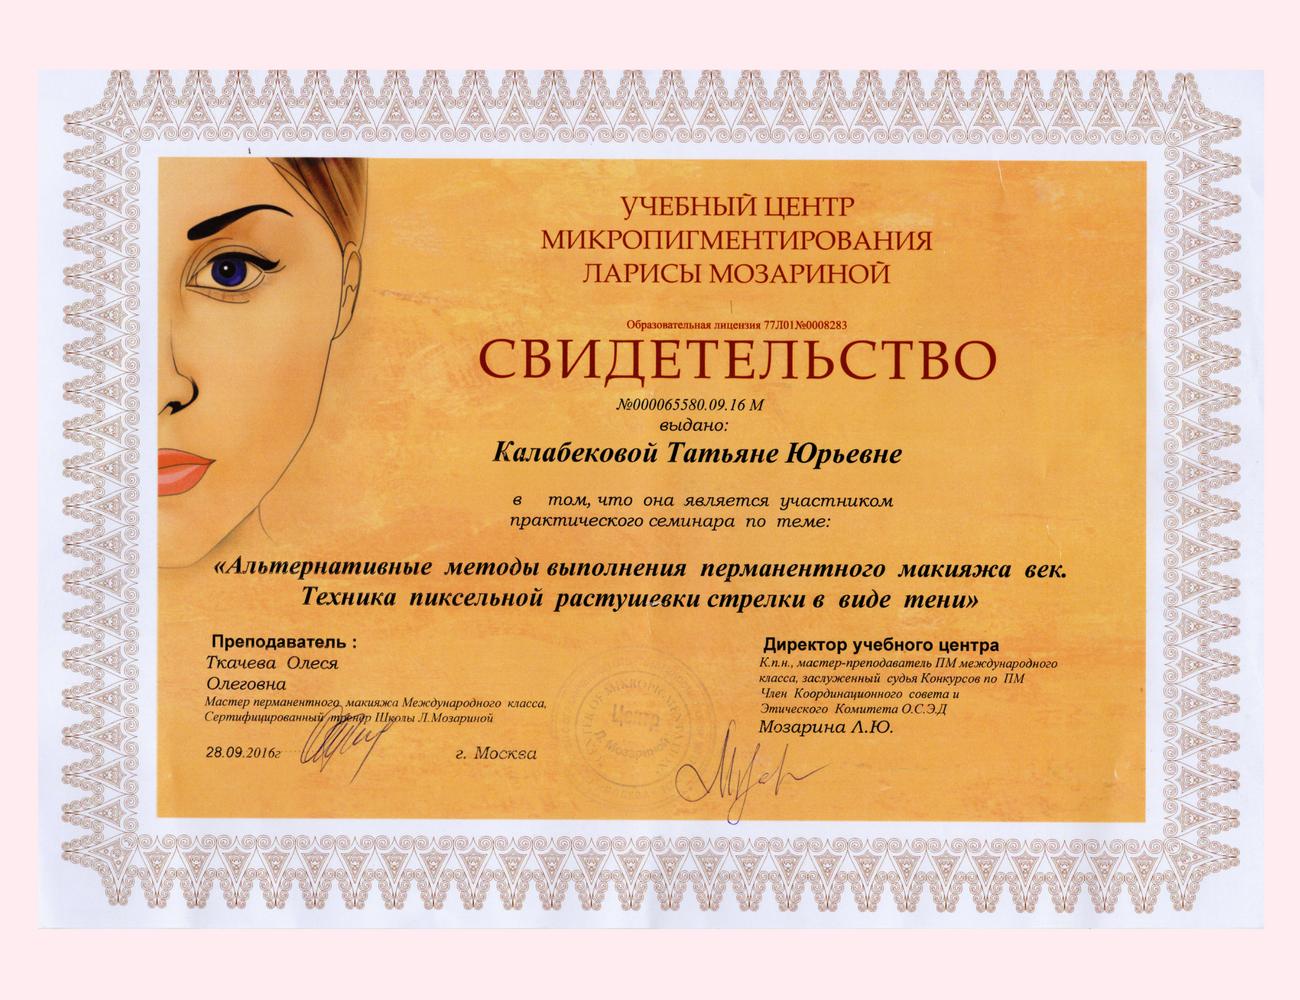 Центр перманентного макияжа ларисы мозариной